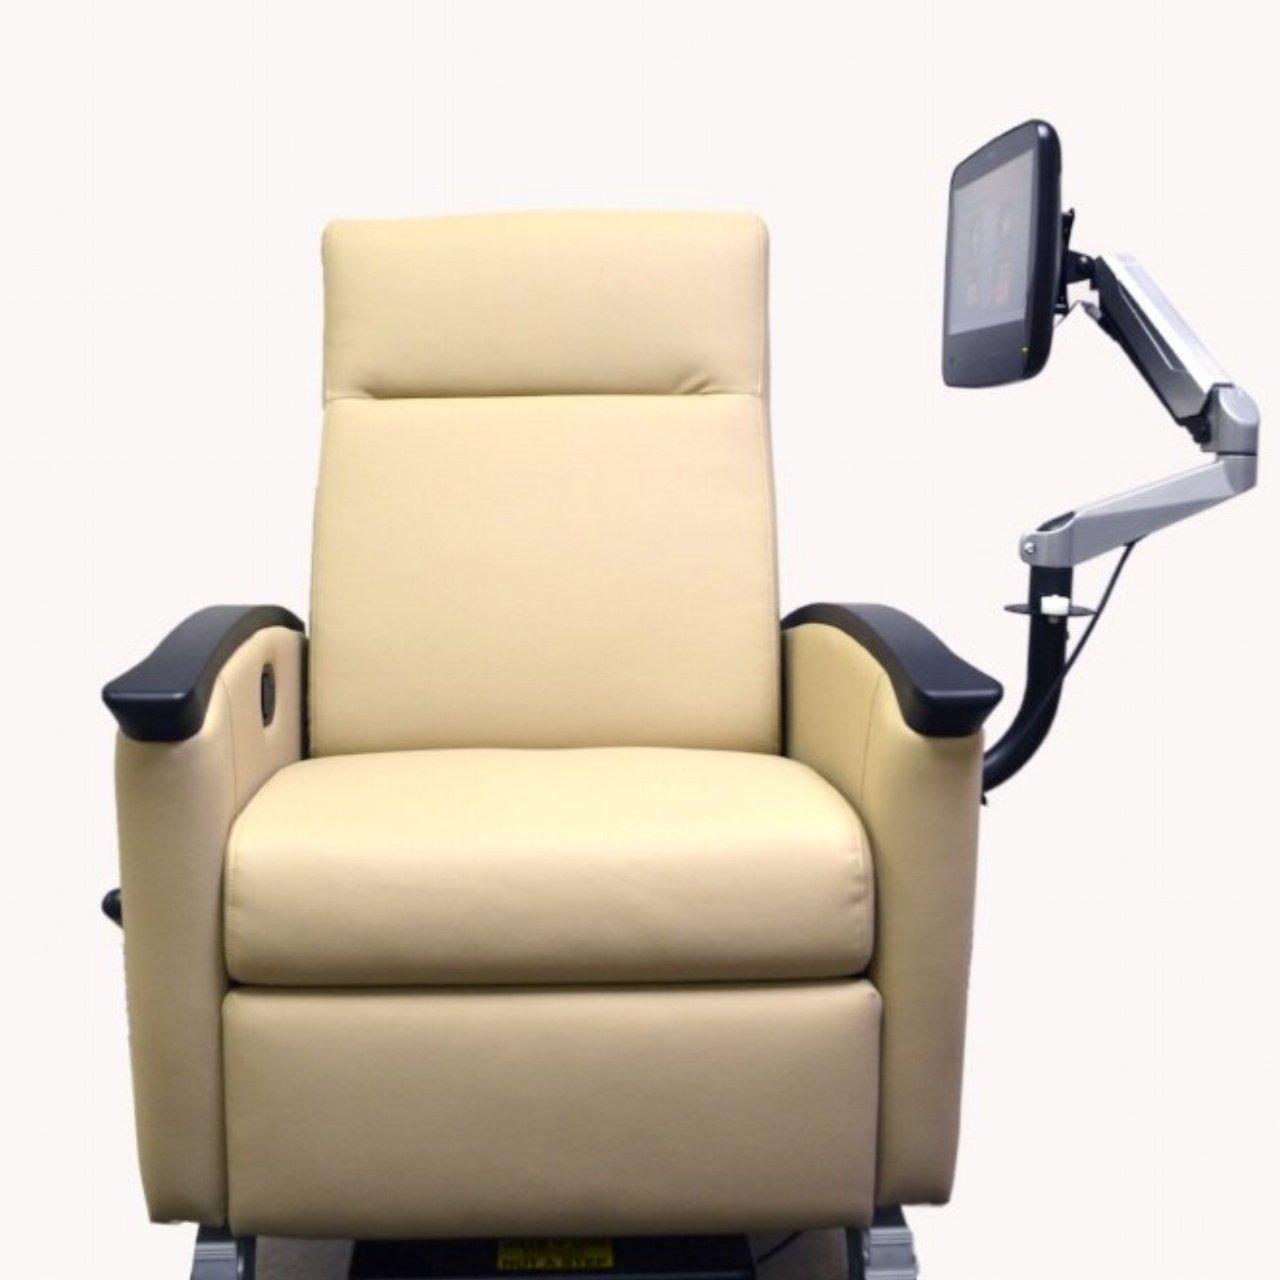 La-Z-Boy PDi Chair Mount-386220-edited-790178-edited